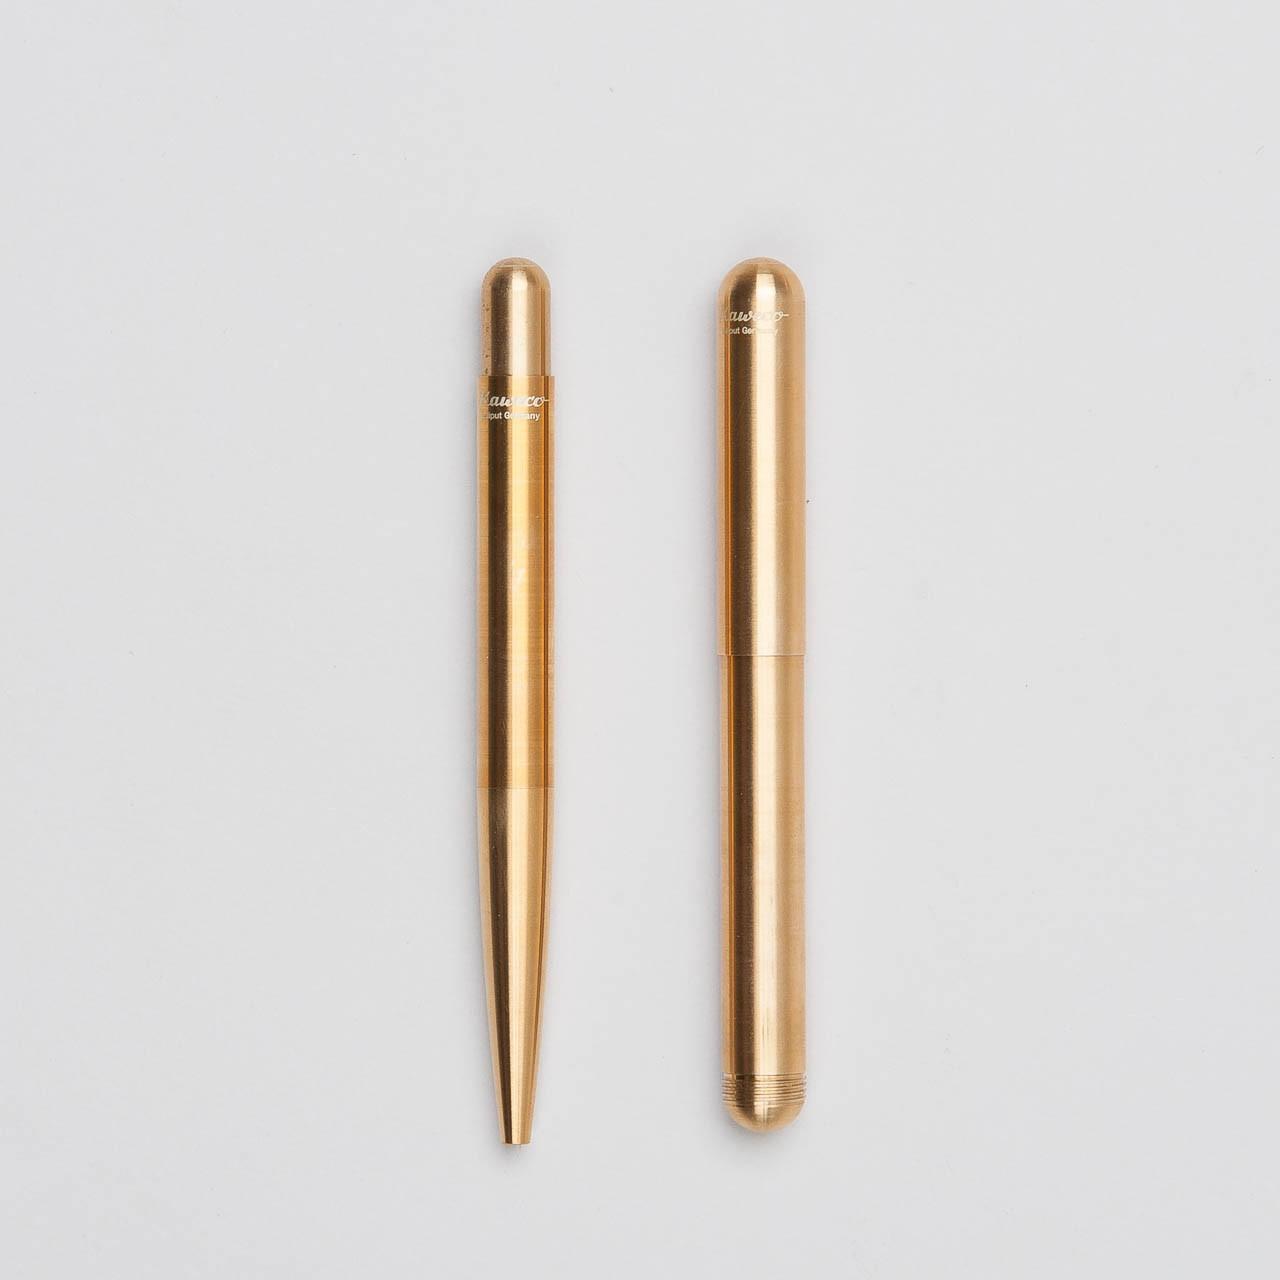 KaWeCo LILIPUT Füllfederhalter und Kugelschreiber in messing